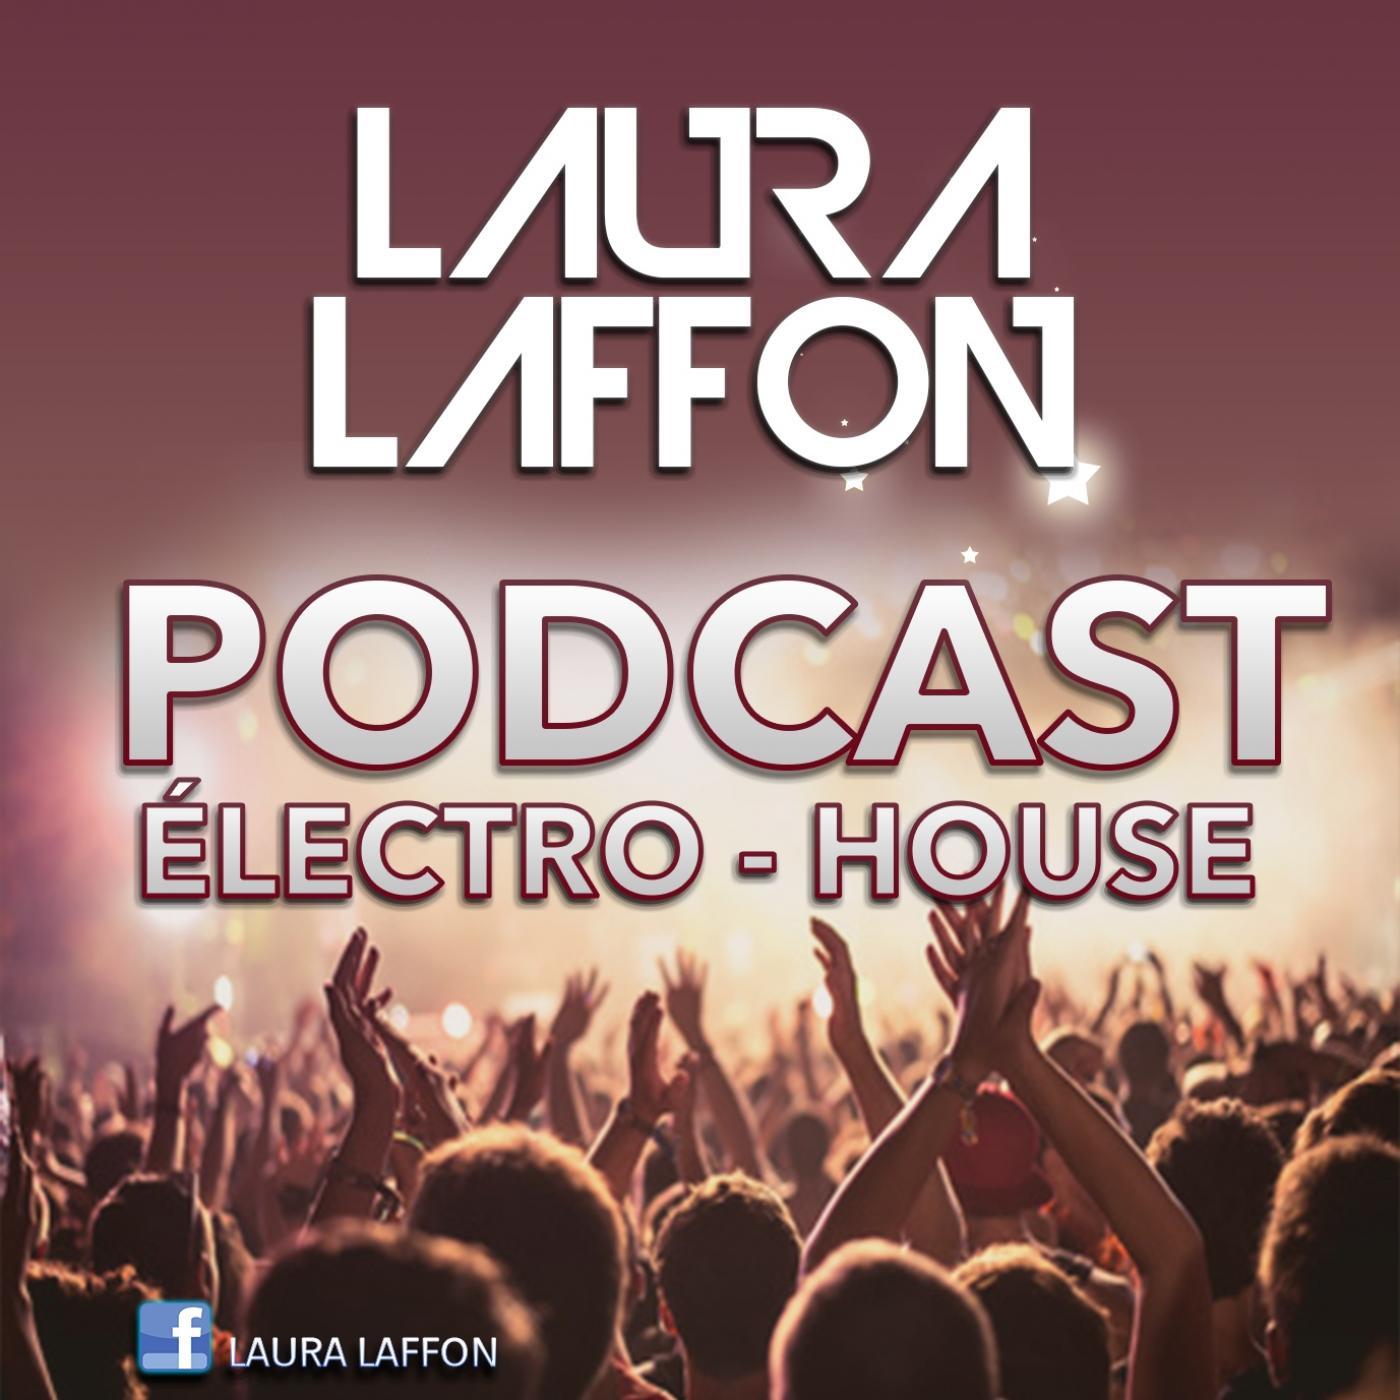 Laura Laffon